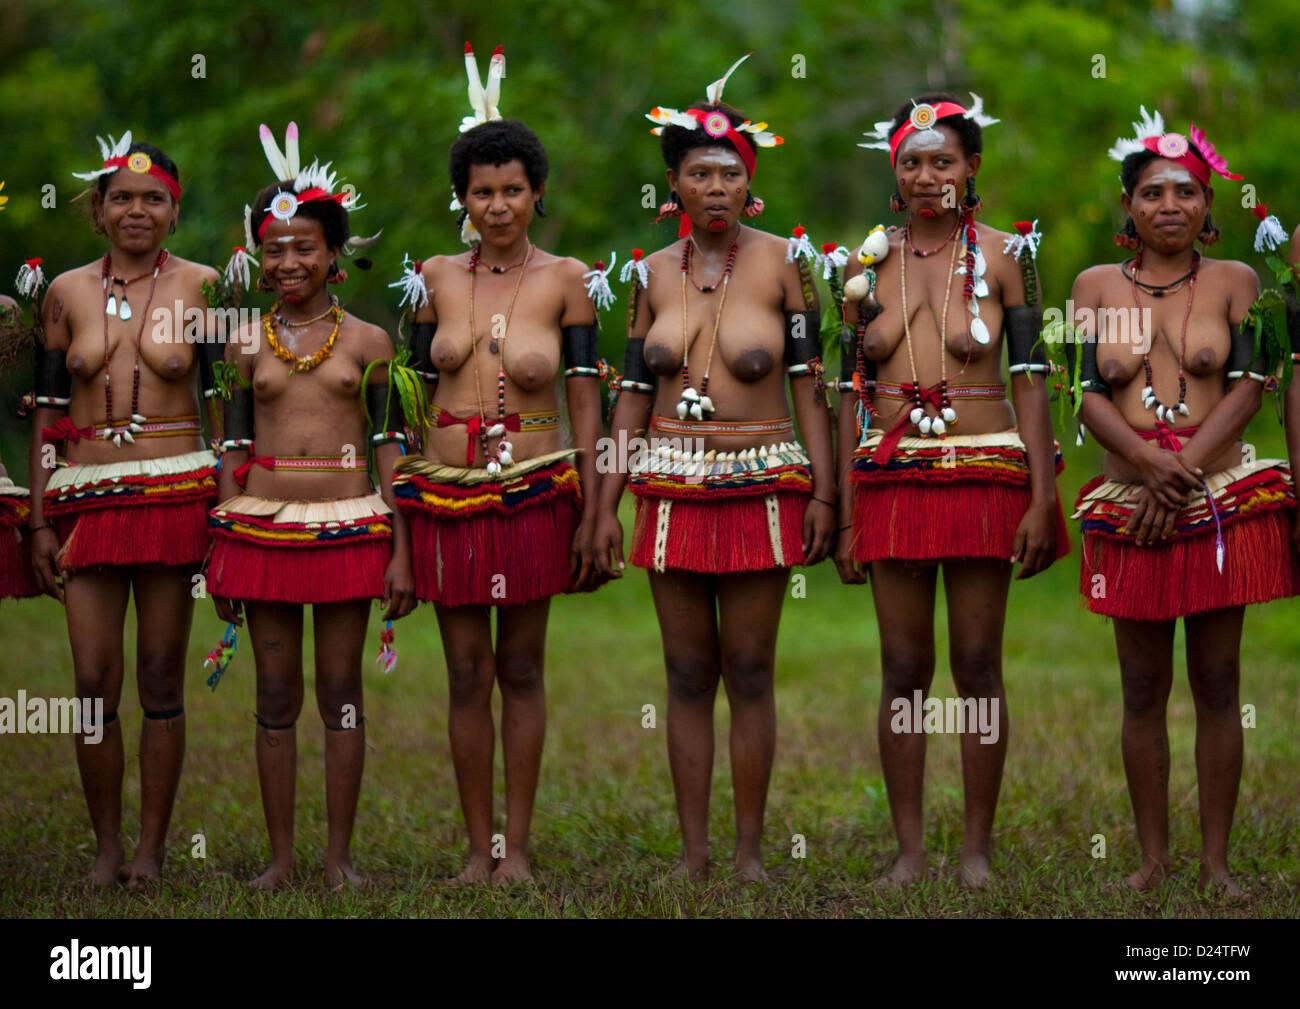 Папуа новая гвинея проститутки